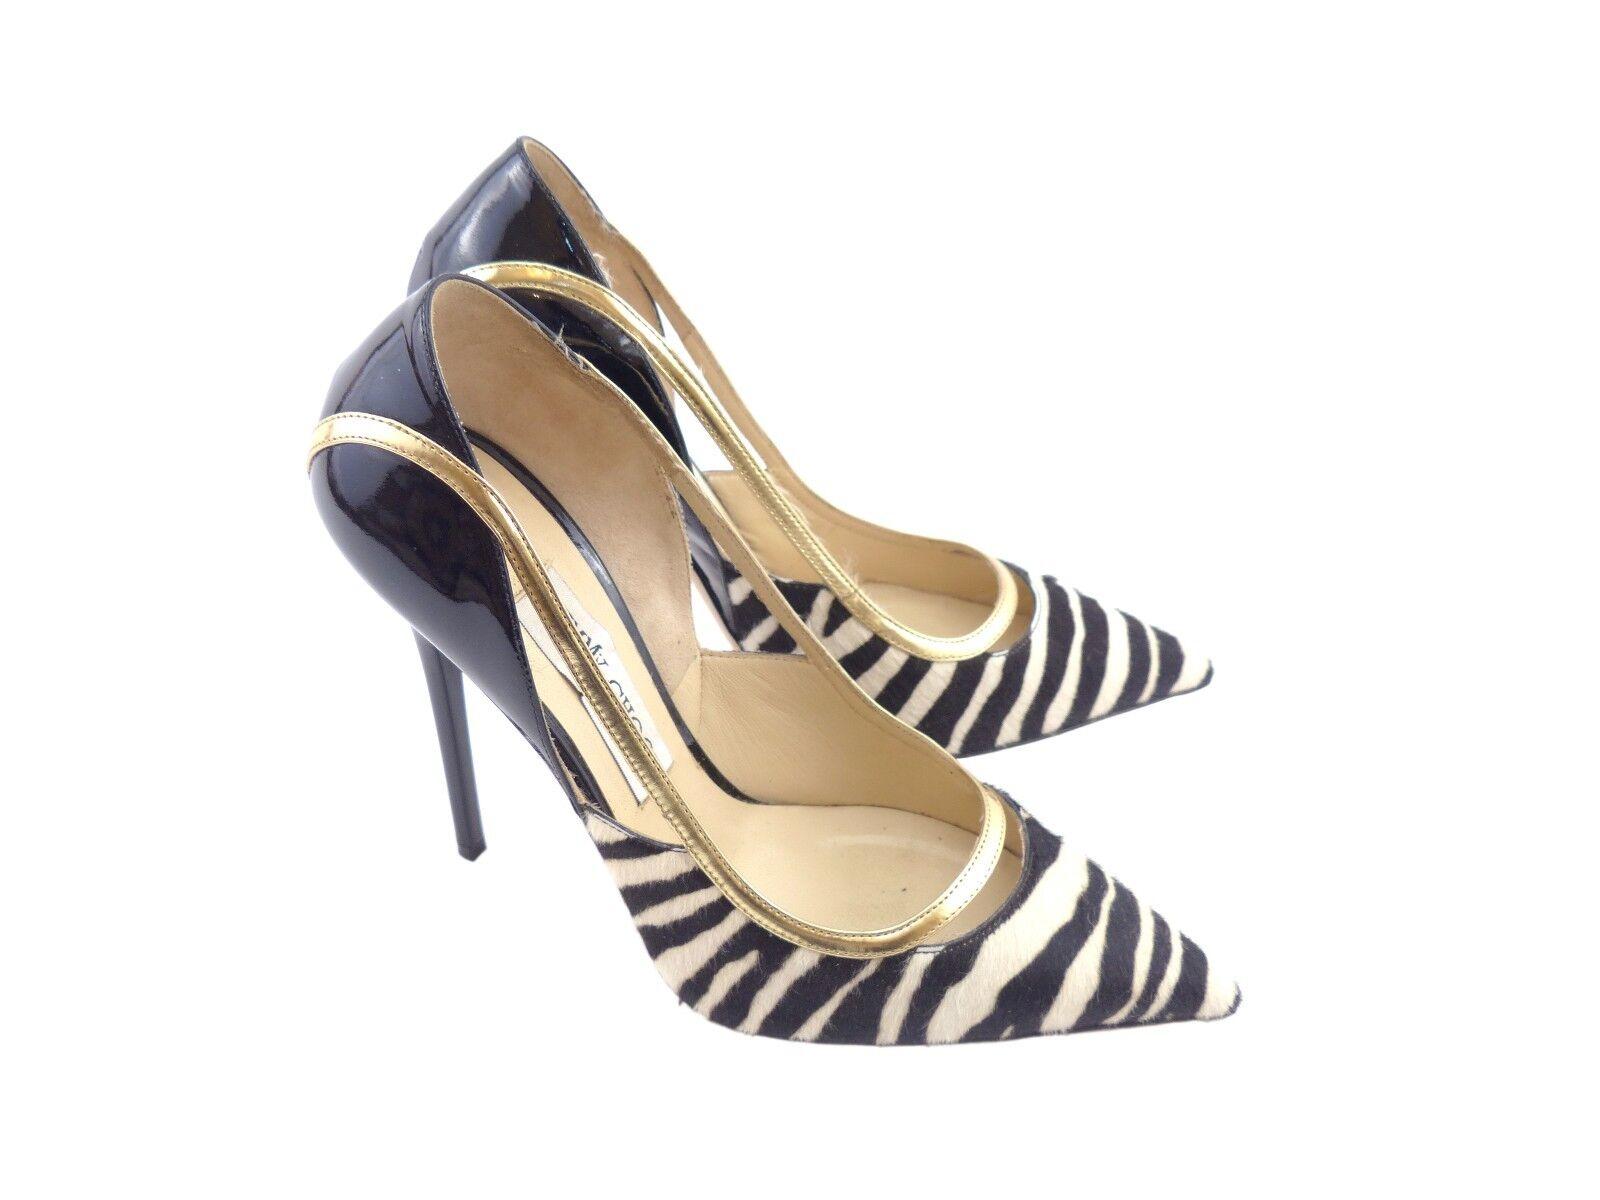 Jimmy Choo Viper Black White gold Zebra Print Calf Hair & Patent